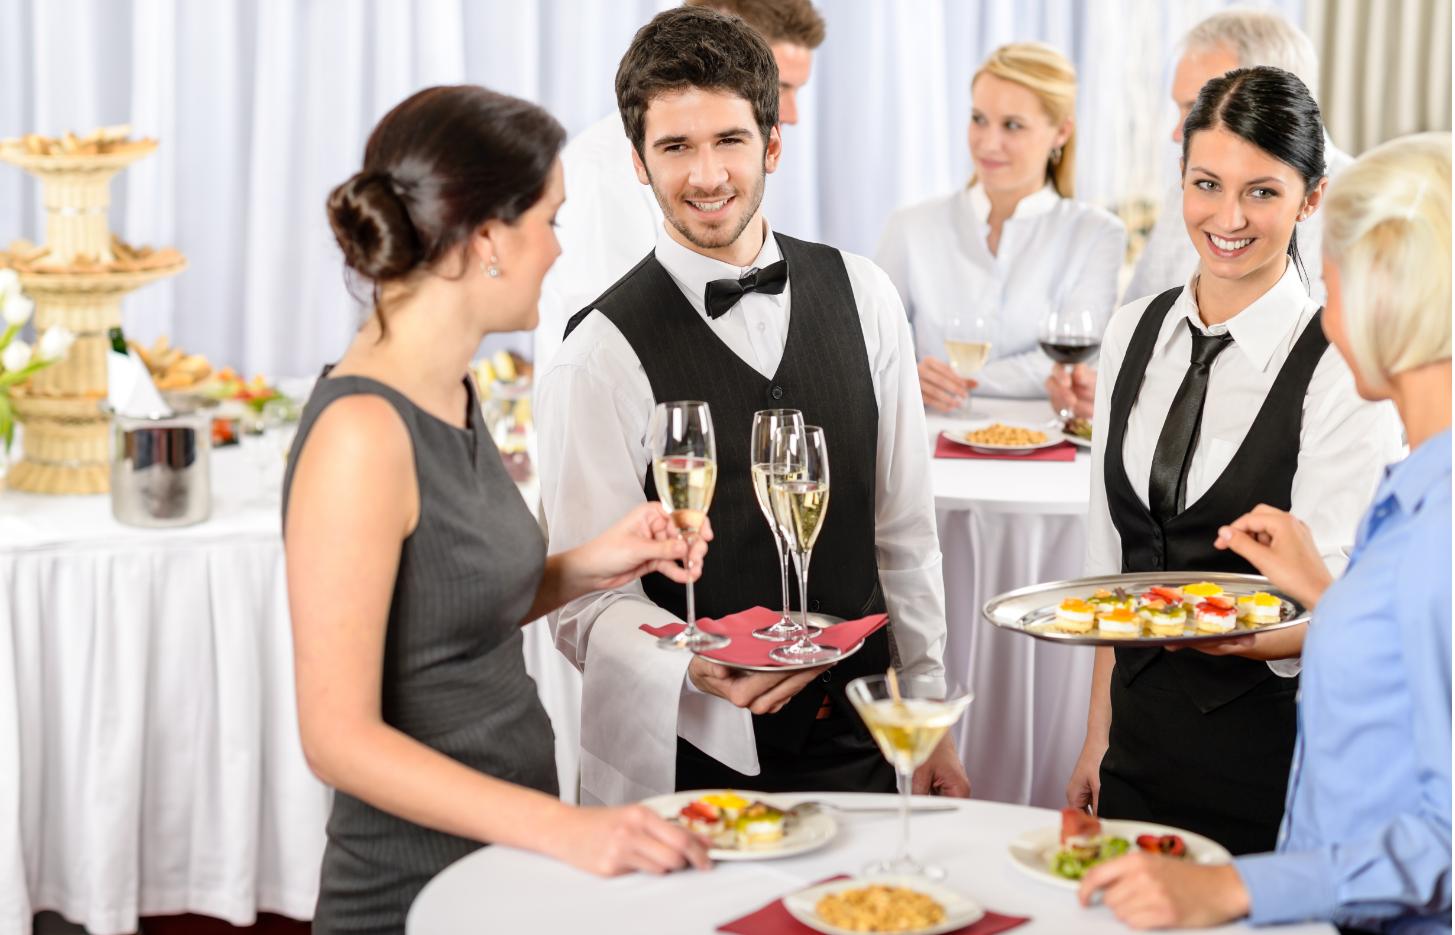 Женская бизнес-идея по организация свадеб